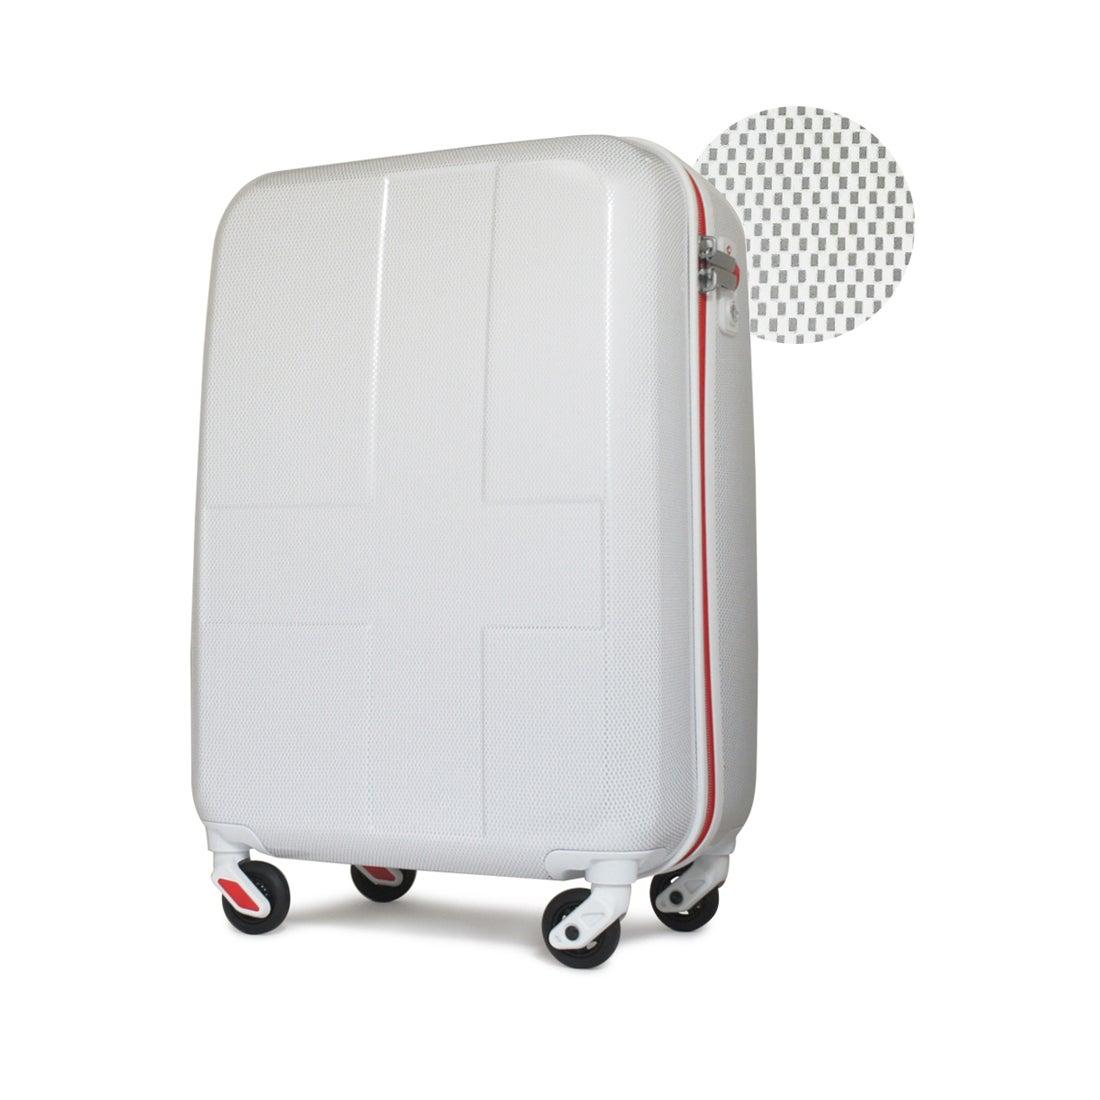 【SAC'S BAR】イノベーター スーツケース INV48/48T 48cm 【INV48】WH-CROSS-CARB メンズ